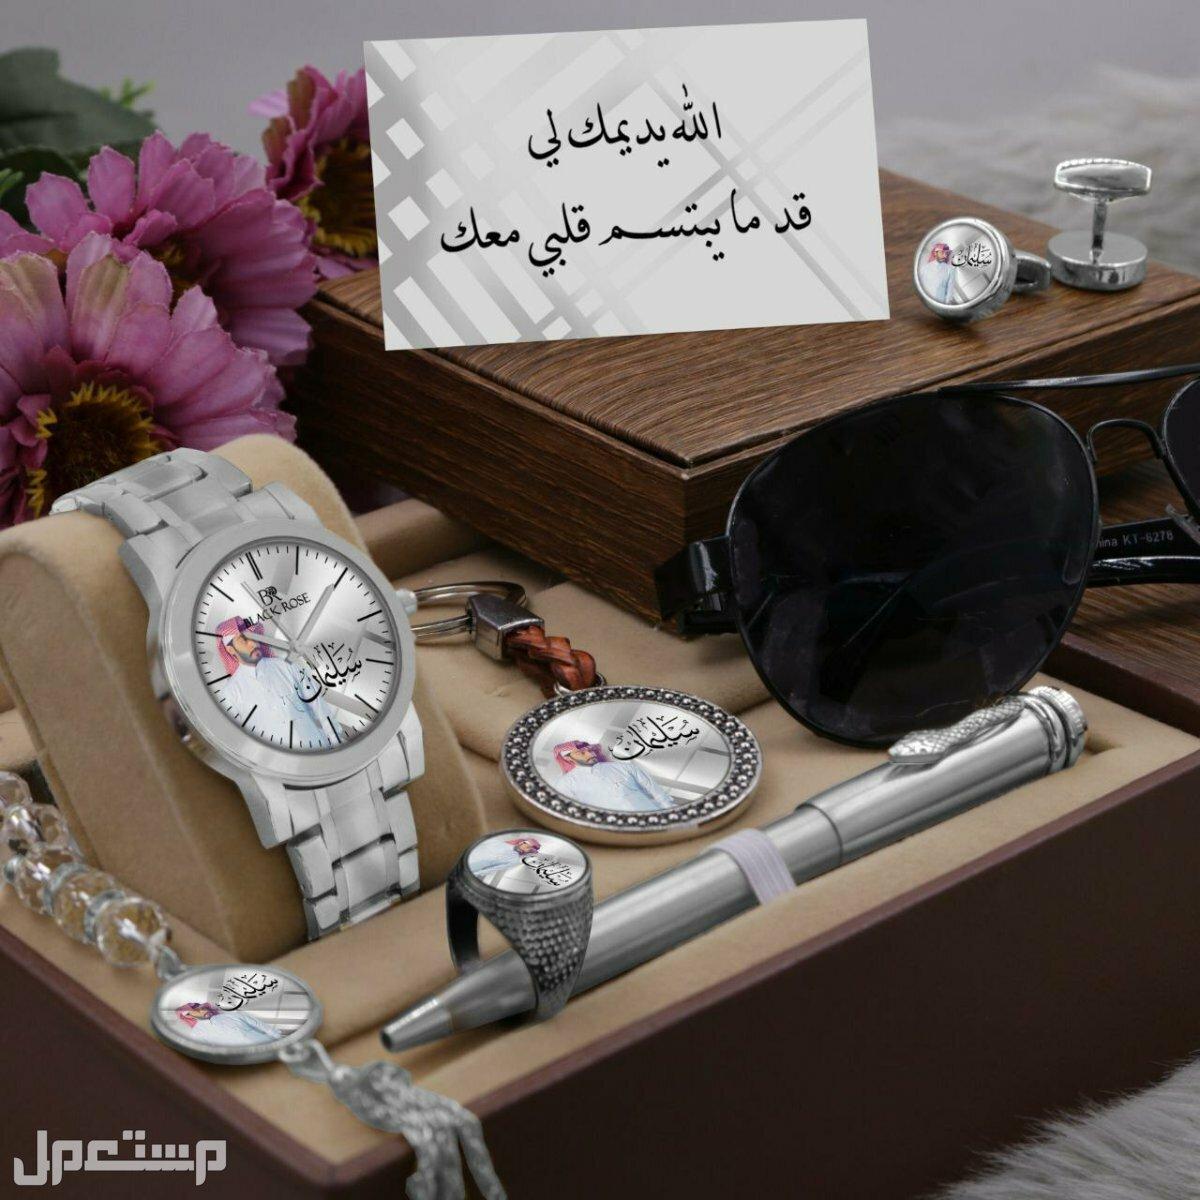 اطقم ساعات رجالية باسم وصورة من تحب